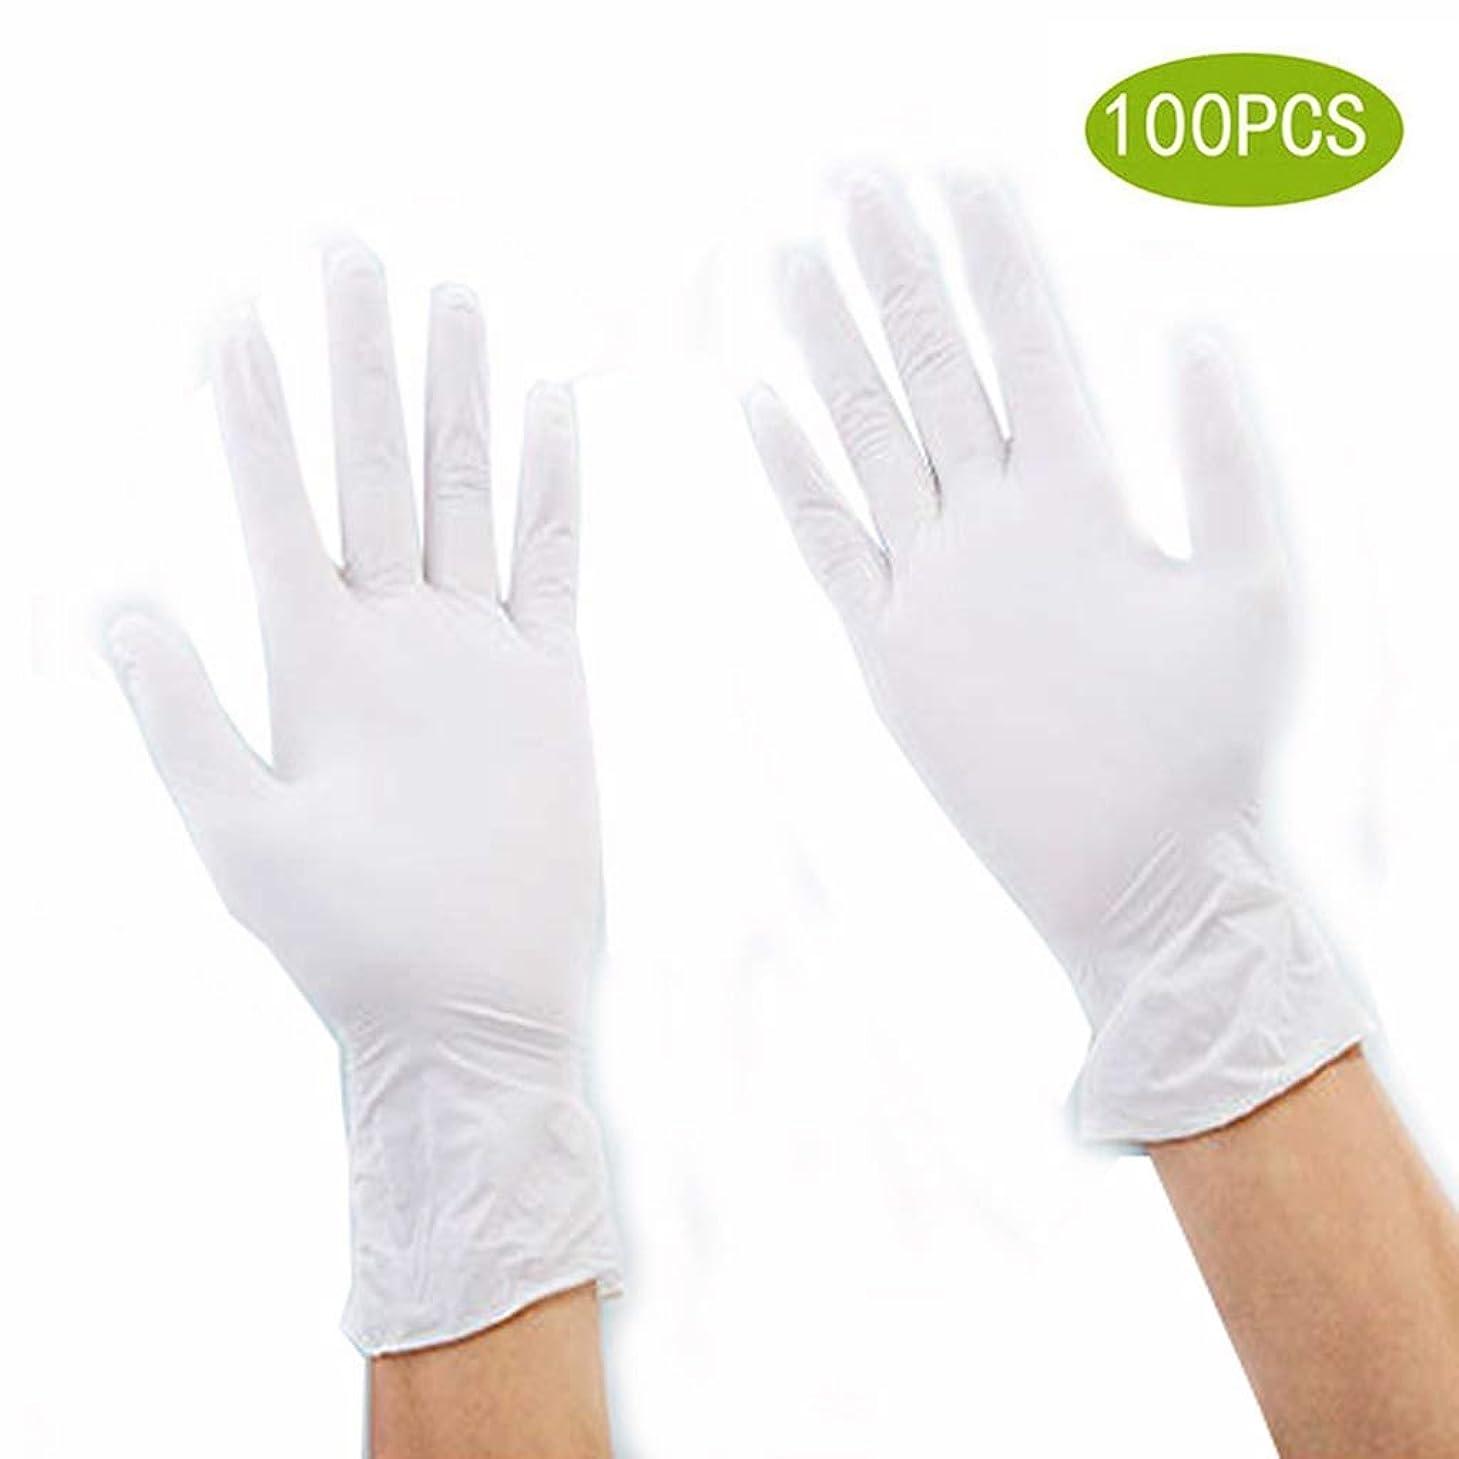 区別拡散するアナログ医療検査ニトリル手袋ボックス100、ラテックス/パウダーフリー、非滅菌手袋 - 安い、ディスカウント価格病院のための専門の等級、法執行機関、食糧販売業者、入れ墨の芸術家、家の使用 (Size : L)